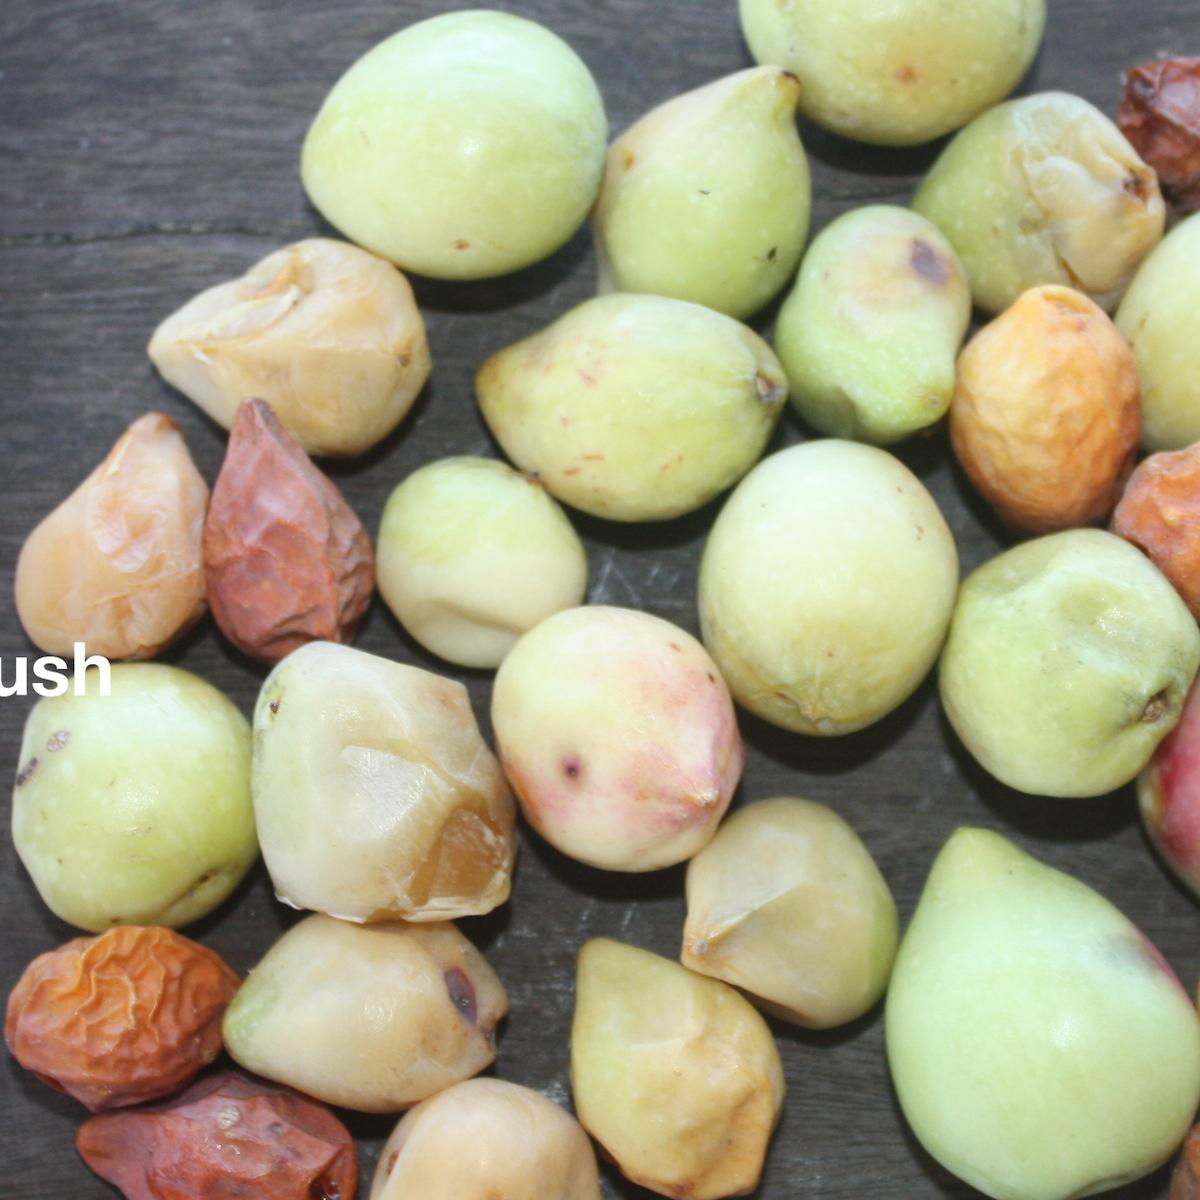 Meet The Kakadu Plum An International Superfood Thousands Of